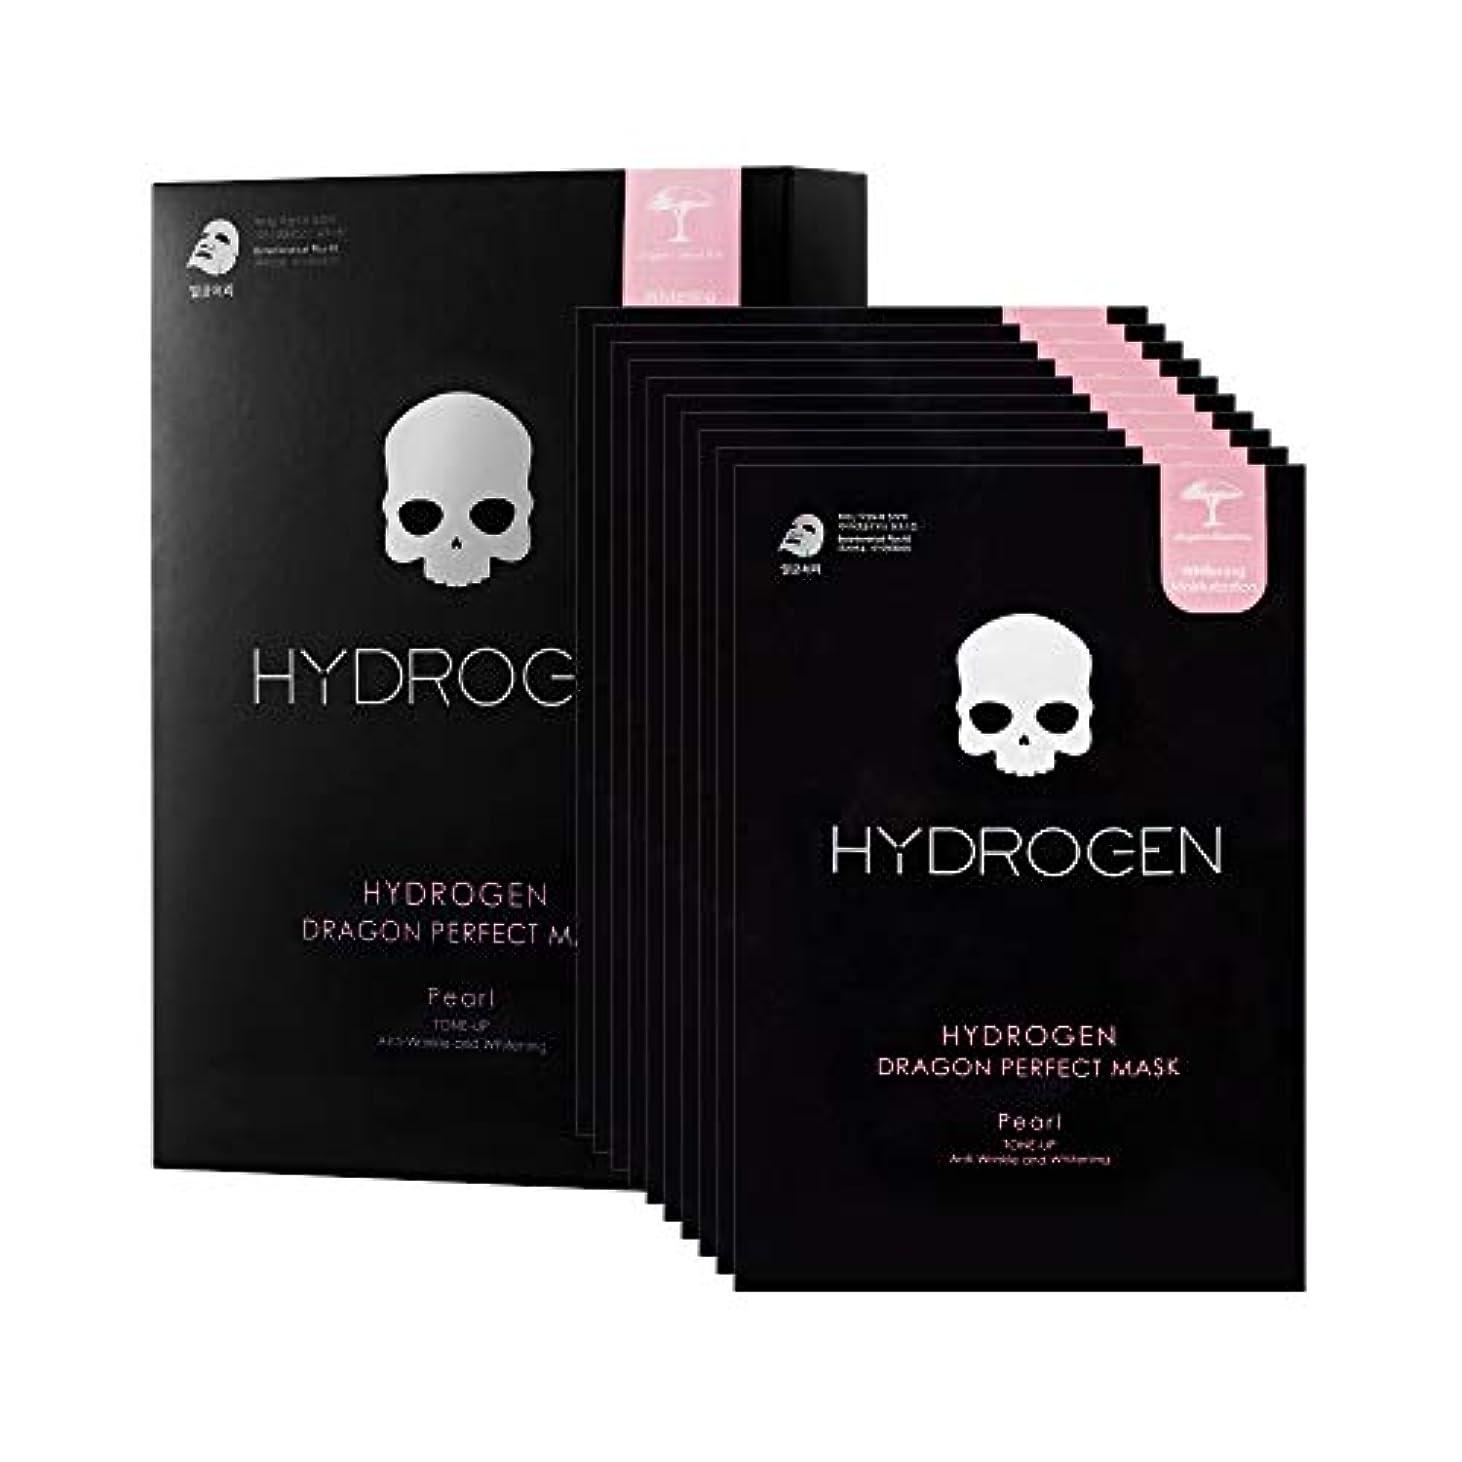 肉金属想像力【HYDROGEN】ハイドロゲンドラゴンパーフェクトマスク HYDROGEN DRAGON PERFECT MASK [10枚入り]